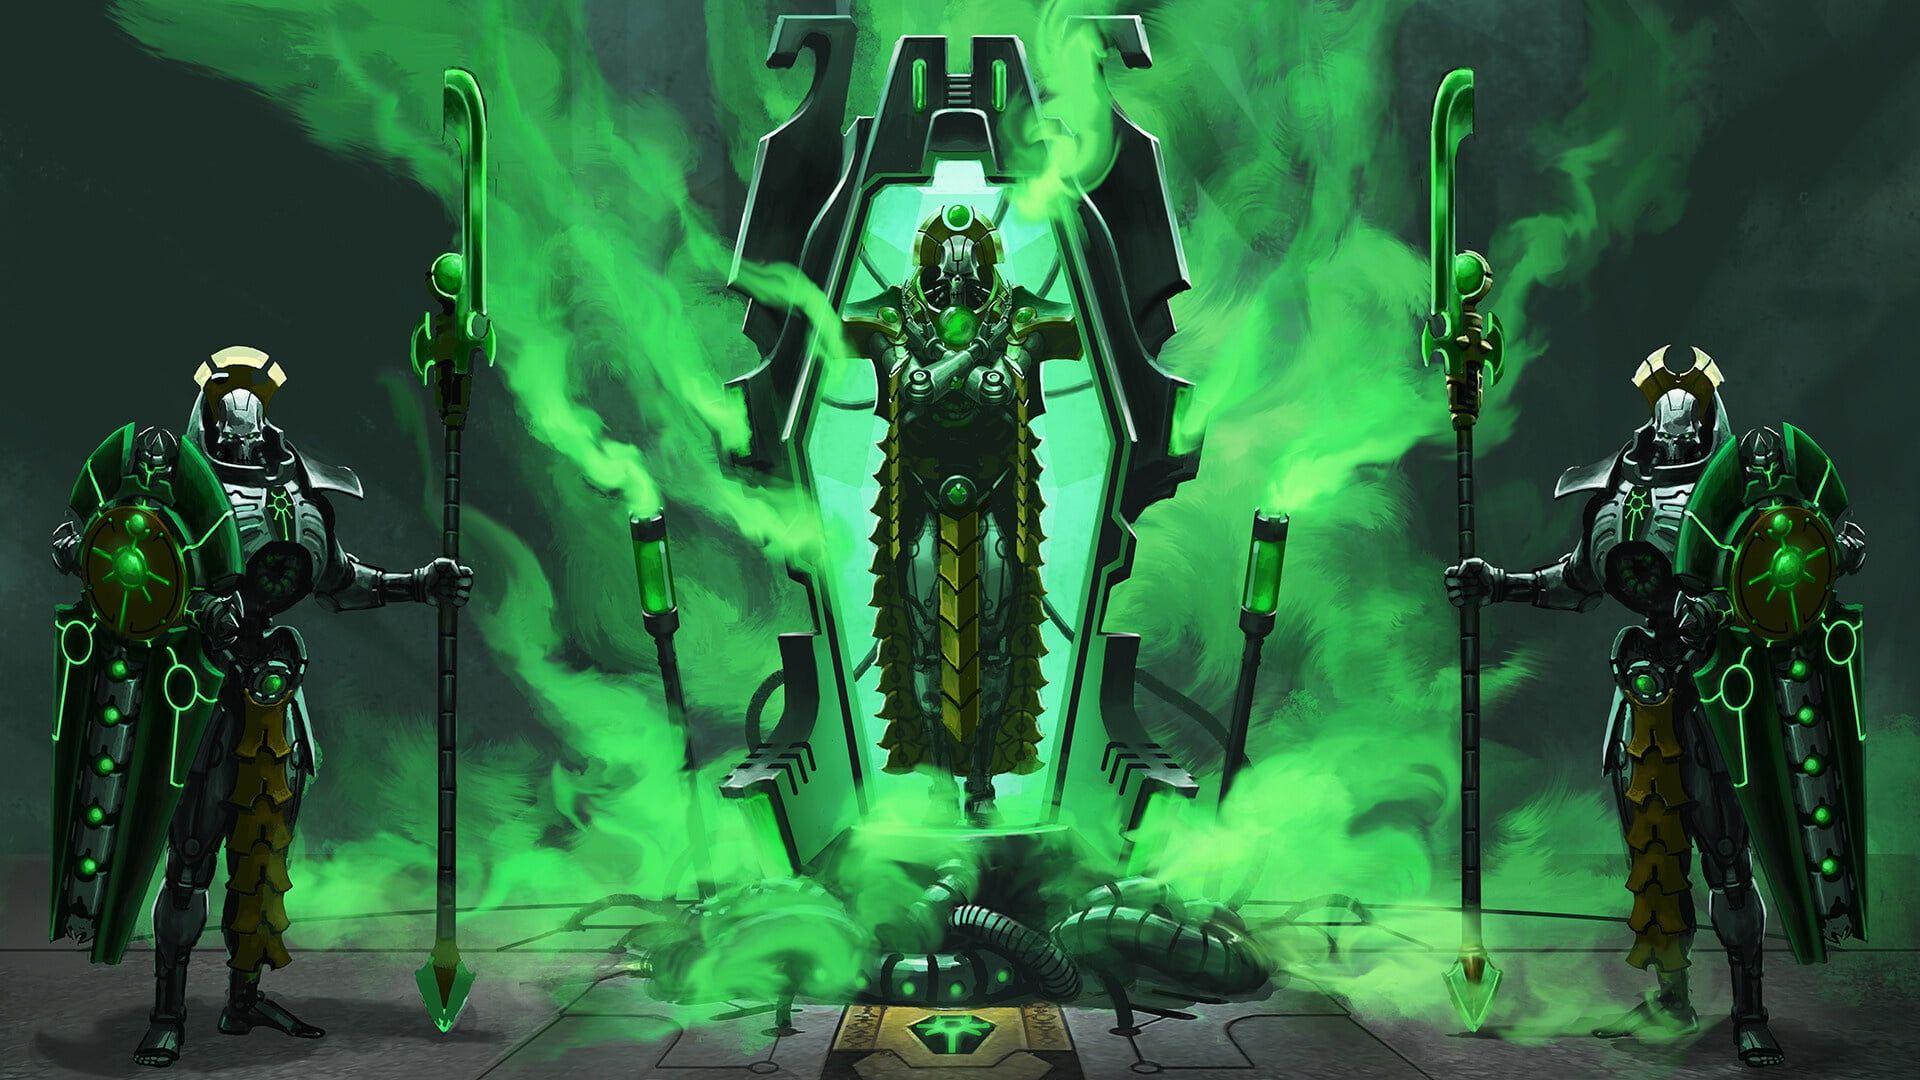 Necrons Guards Awakening Warhammer Necrons Lord Nekron Necron Lord Warhammer 40 000 Lich Guard 1080p Wallpaper H Warhammer 40k Necrons Necron Warhammer